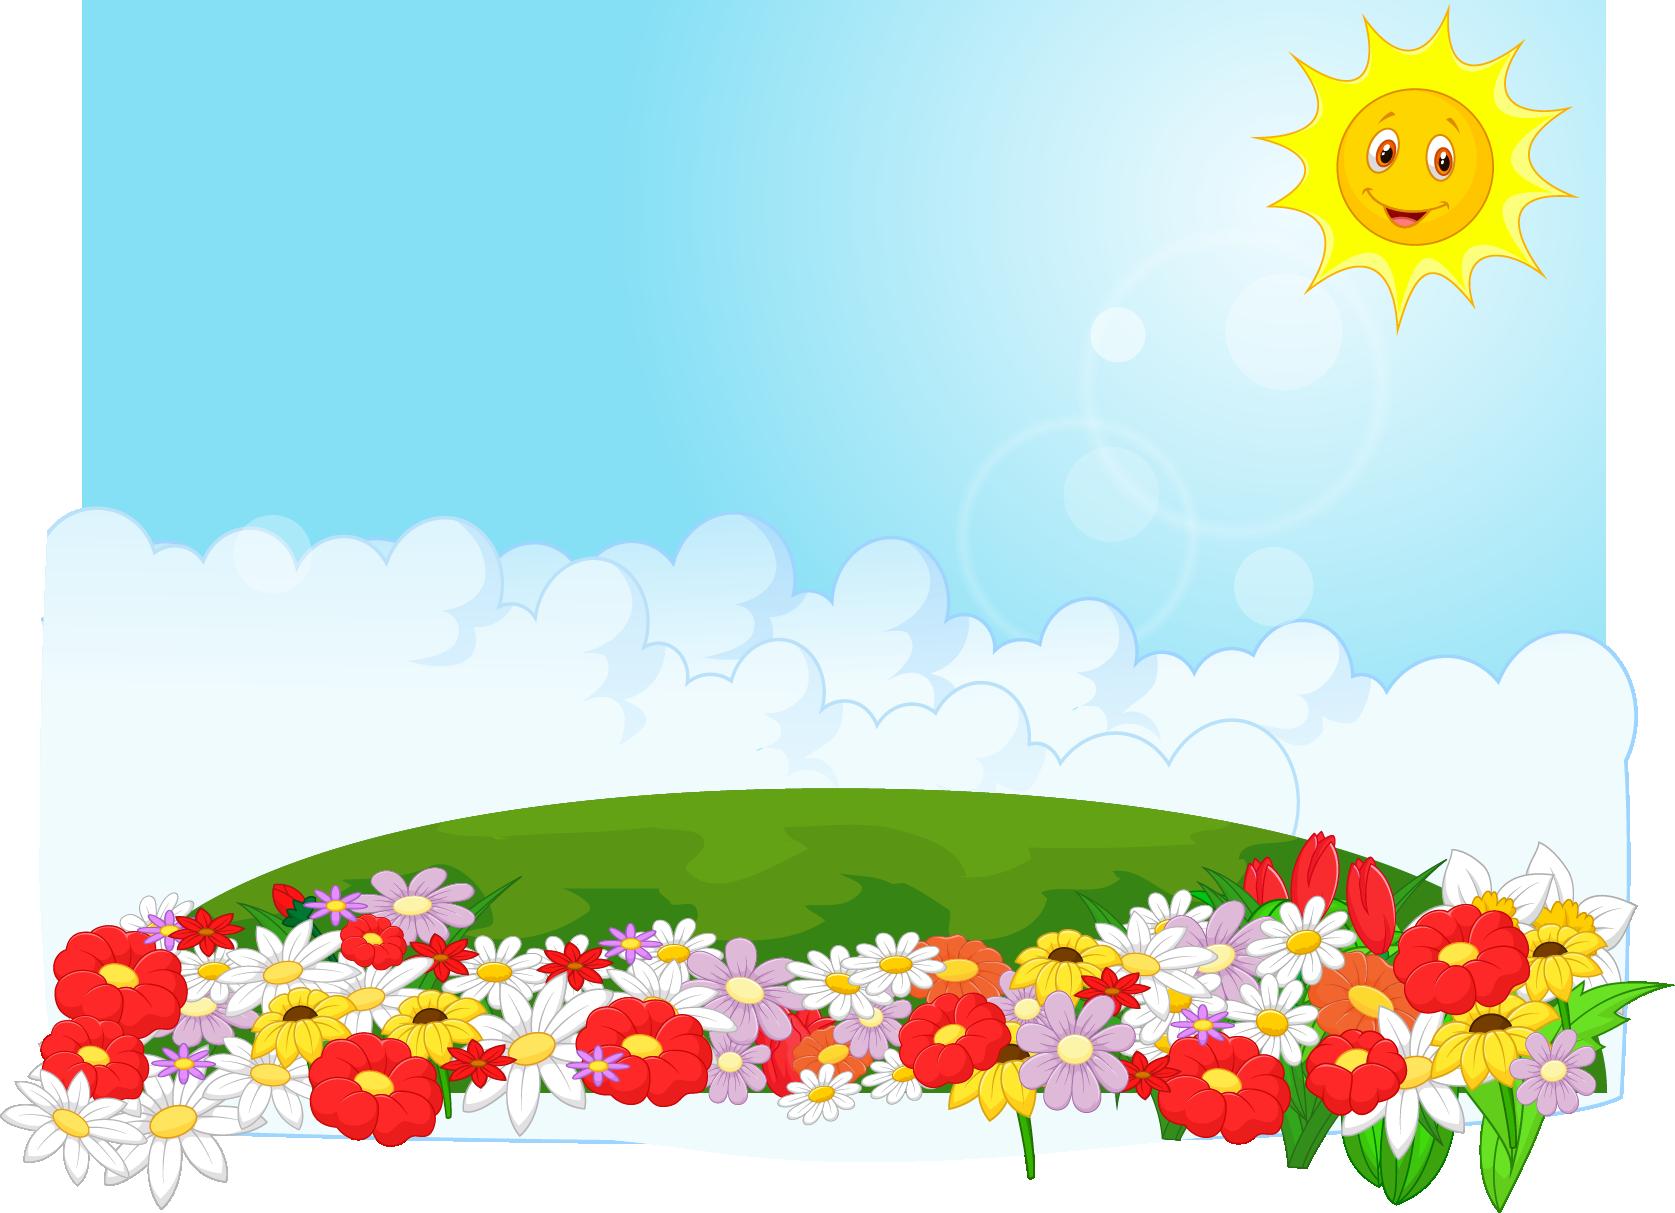 C:\Users\User\Desktop\окружающий мир\презентации\26 народные праздники\просто полянка.png